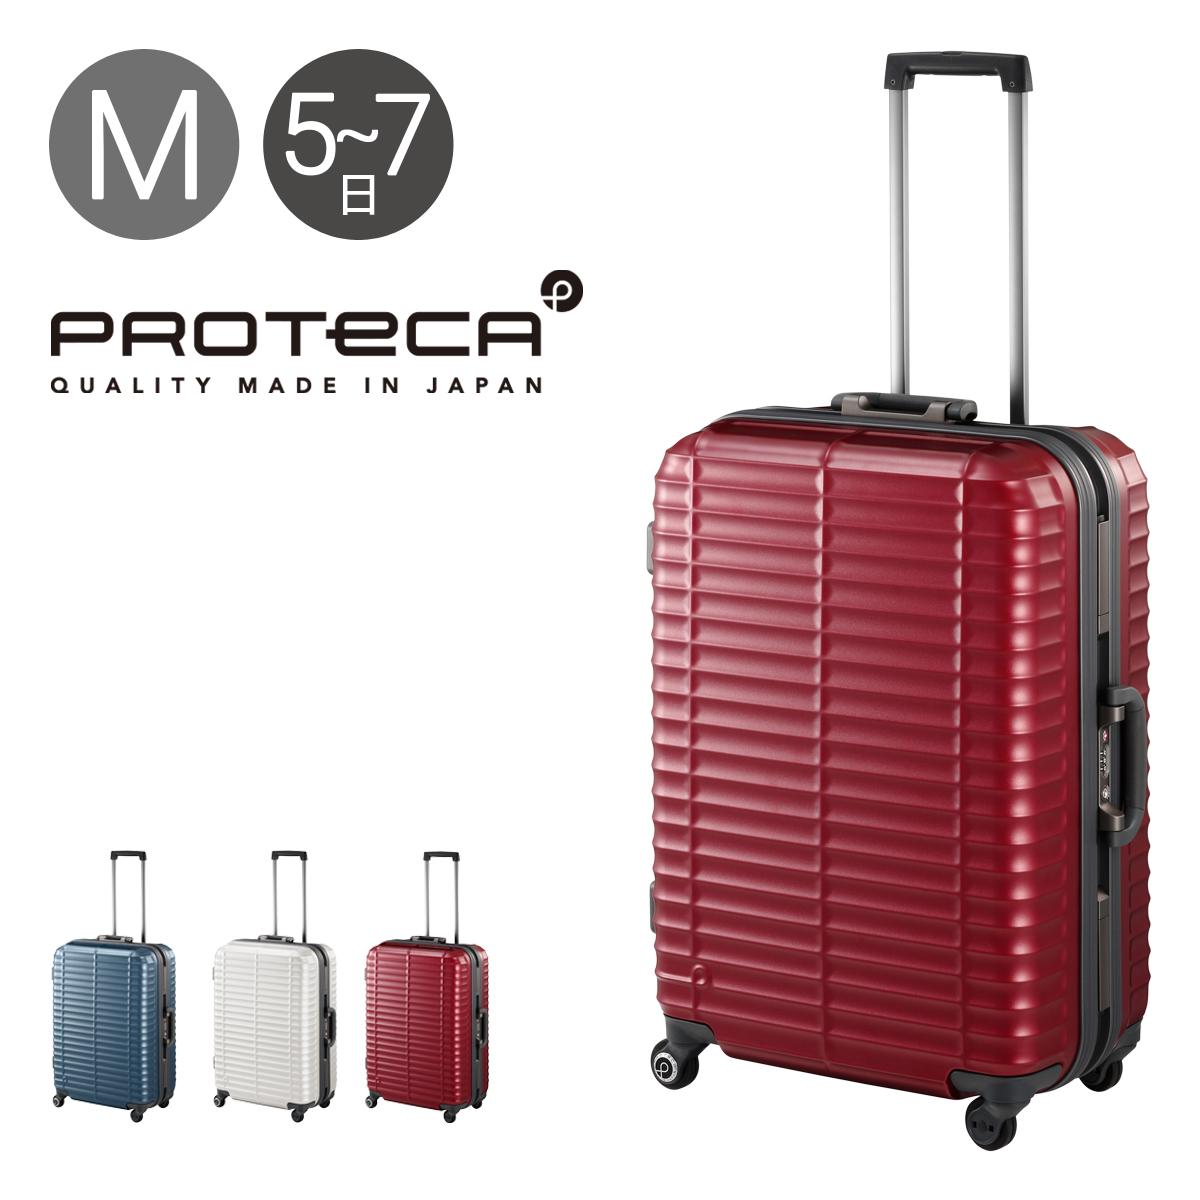 プロテカ スーツケース 64L 61cm 4.5kg ストラタム 00851 日本製 PROTECA ハード フレーム キャリーバッグ キャリーケース 軽量 静音 TSAロック搭載 マグネシウム合金 3年保証[PO10][bef]